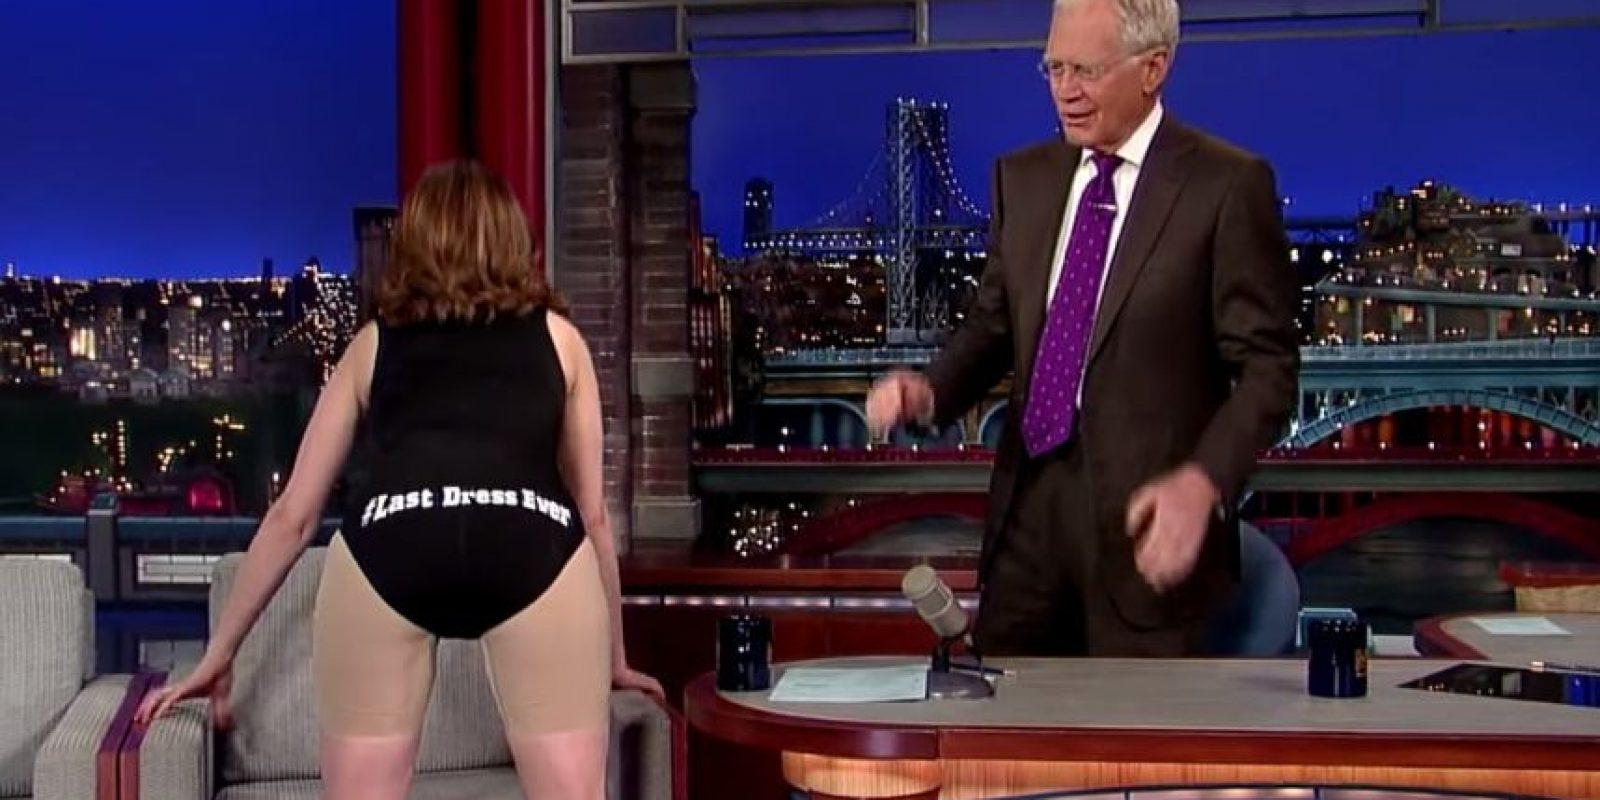 Además de que mostró algunas frases graciosas Foto:Late Show with David Letterman